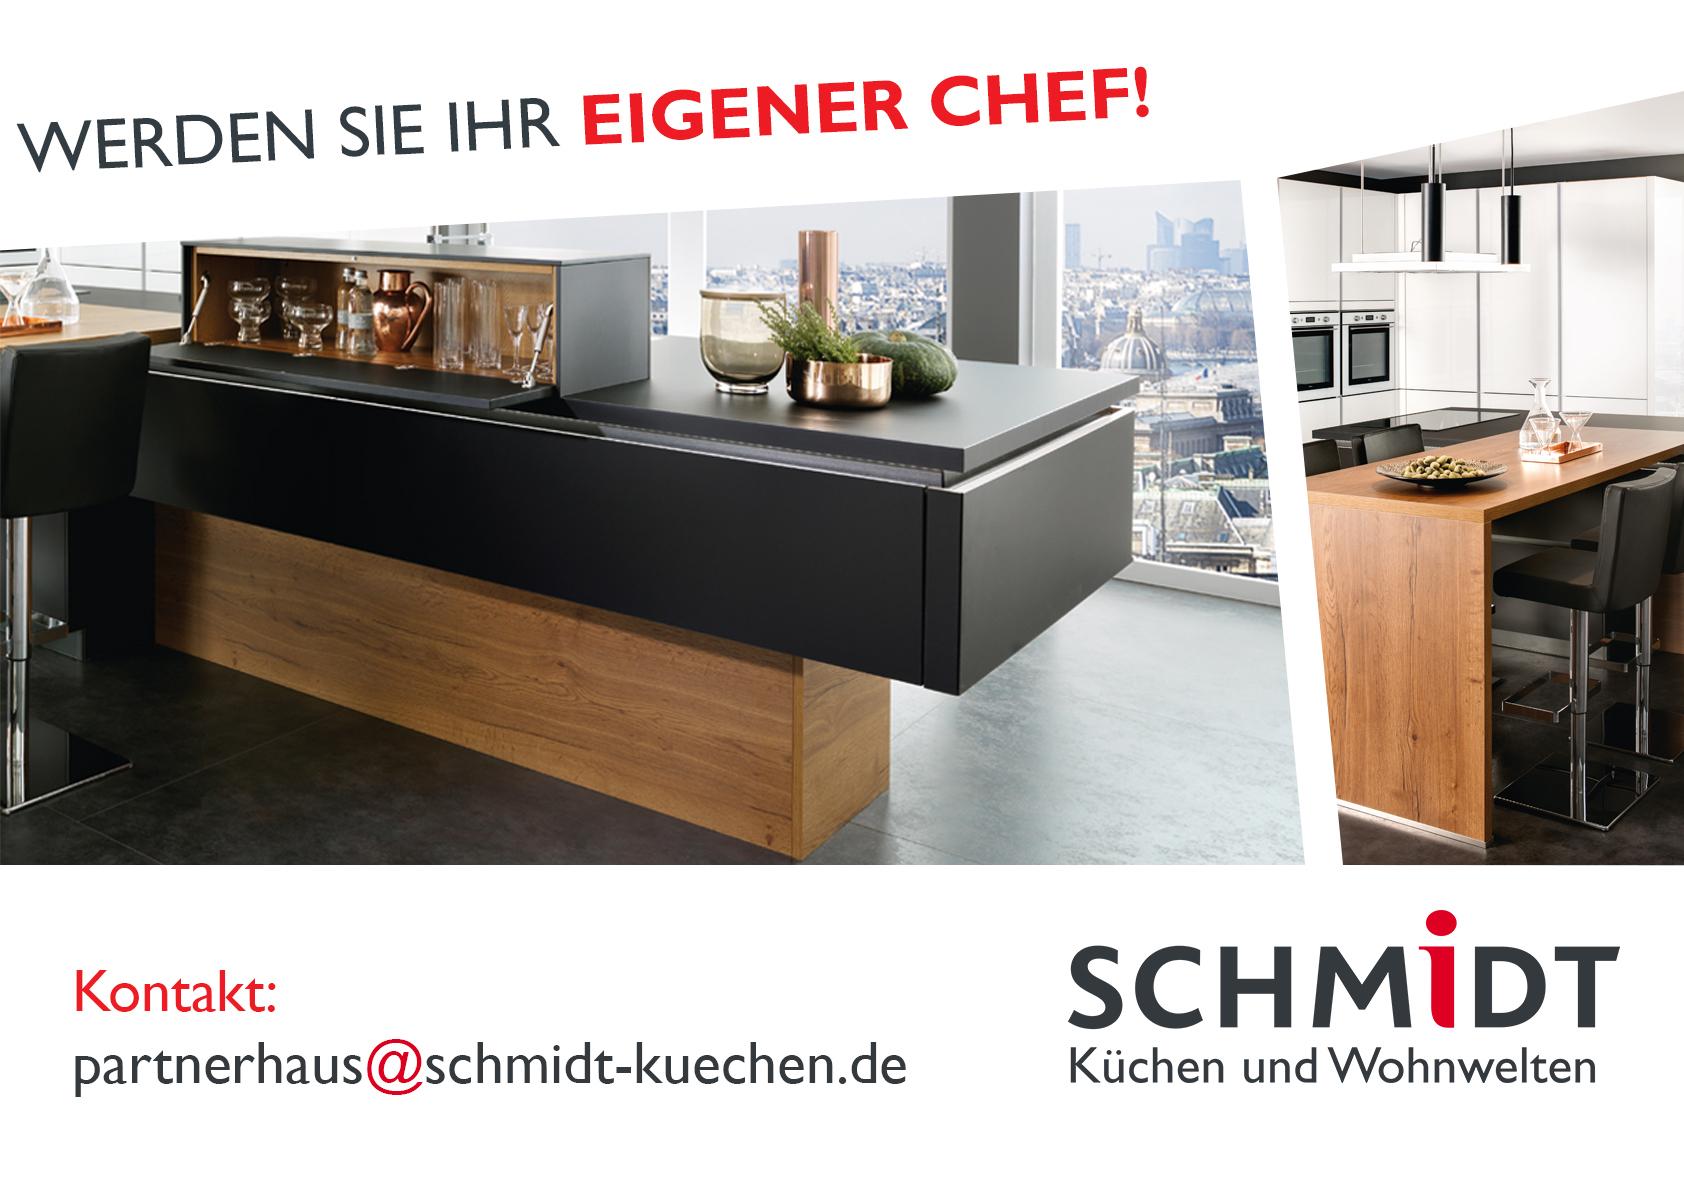 Schmidt Küchen schmidt expansion